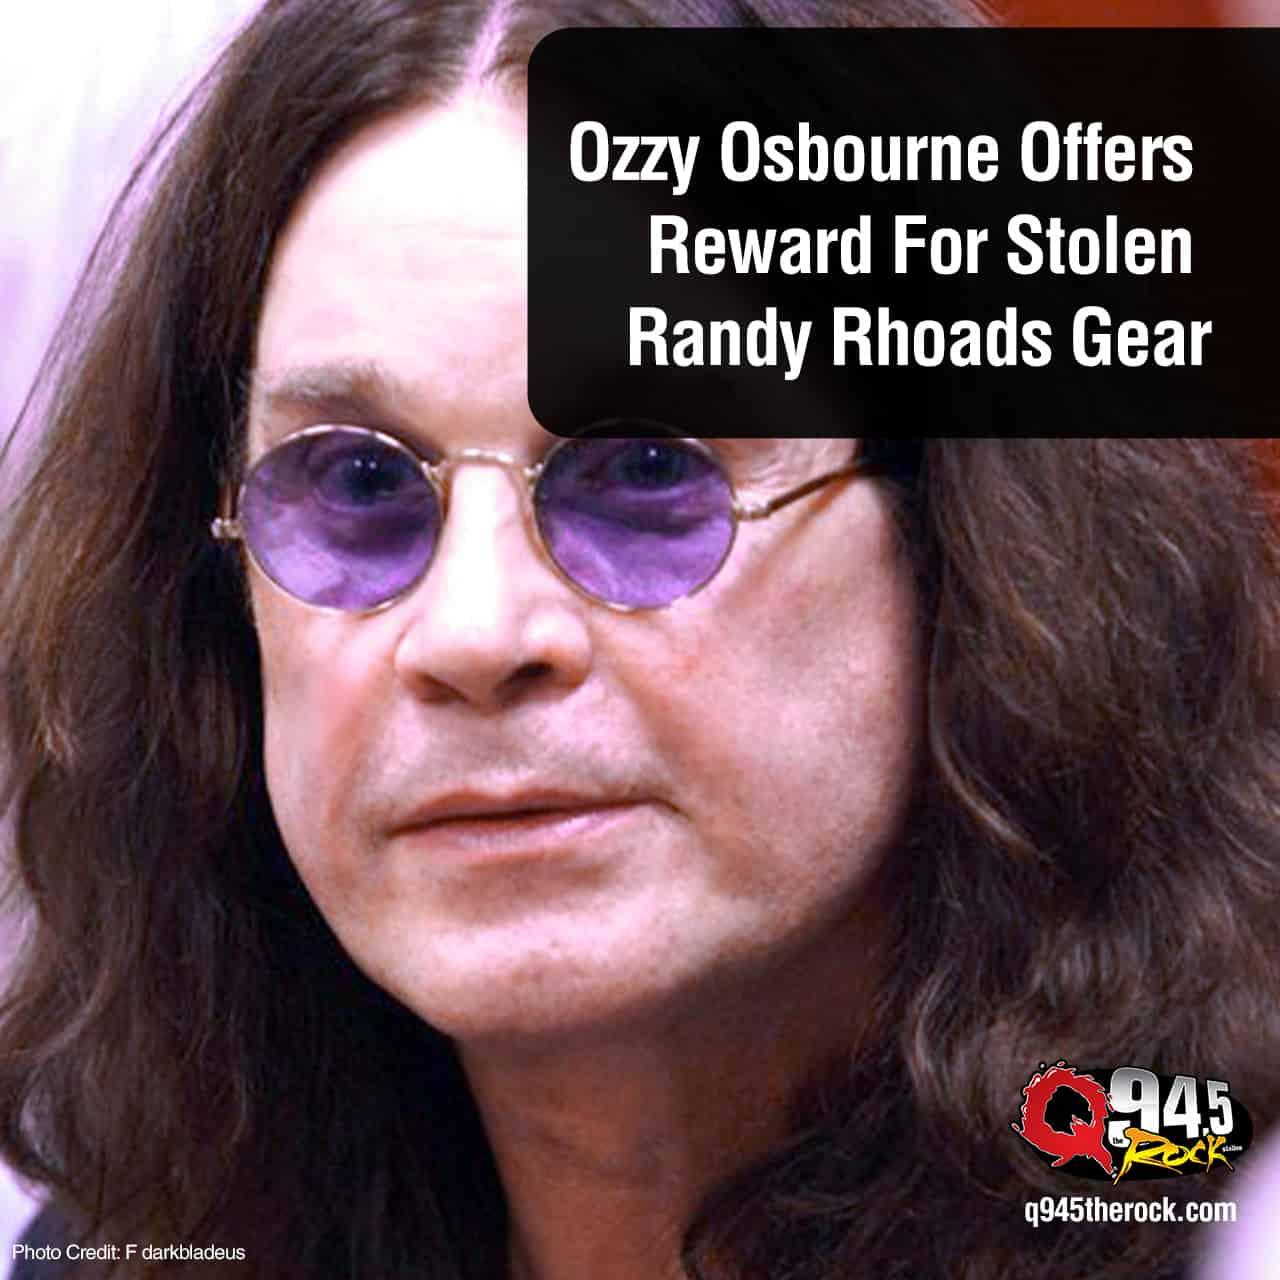 Ozzy Osbourne Offers Reward For Stolen Randy Rhoads Gear